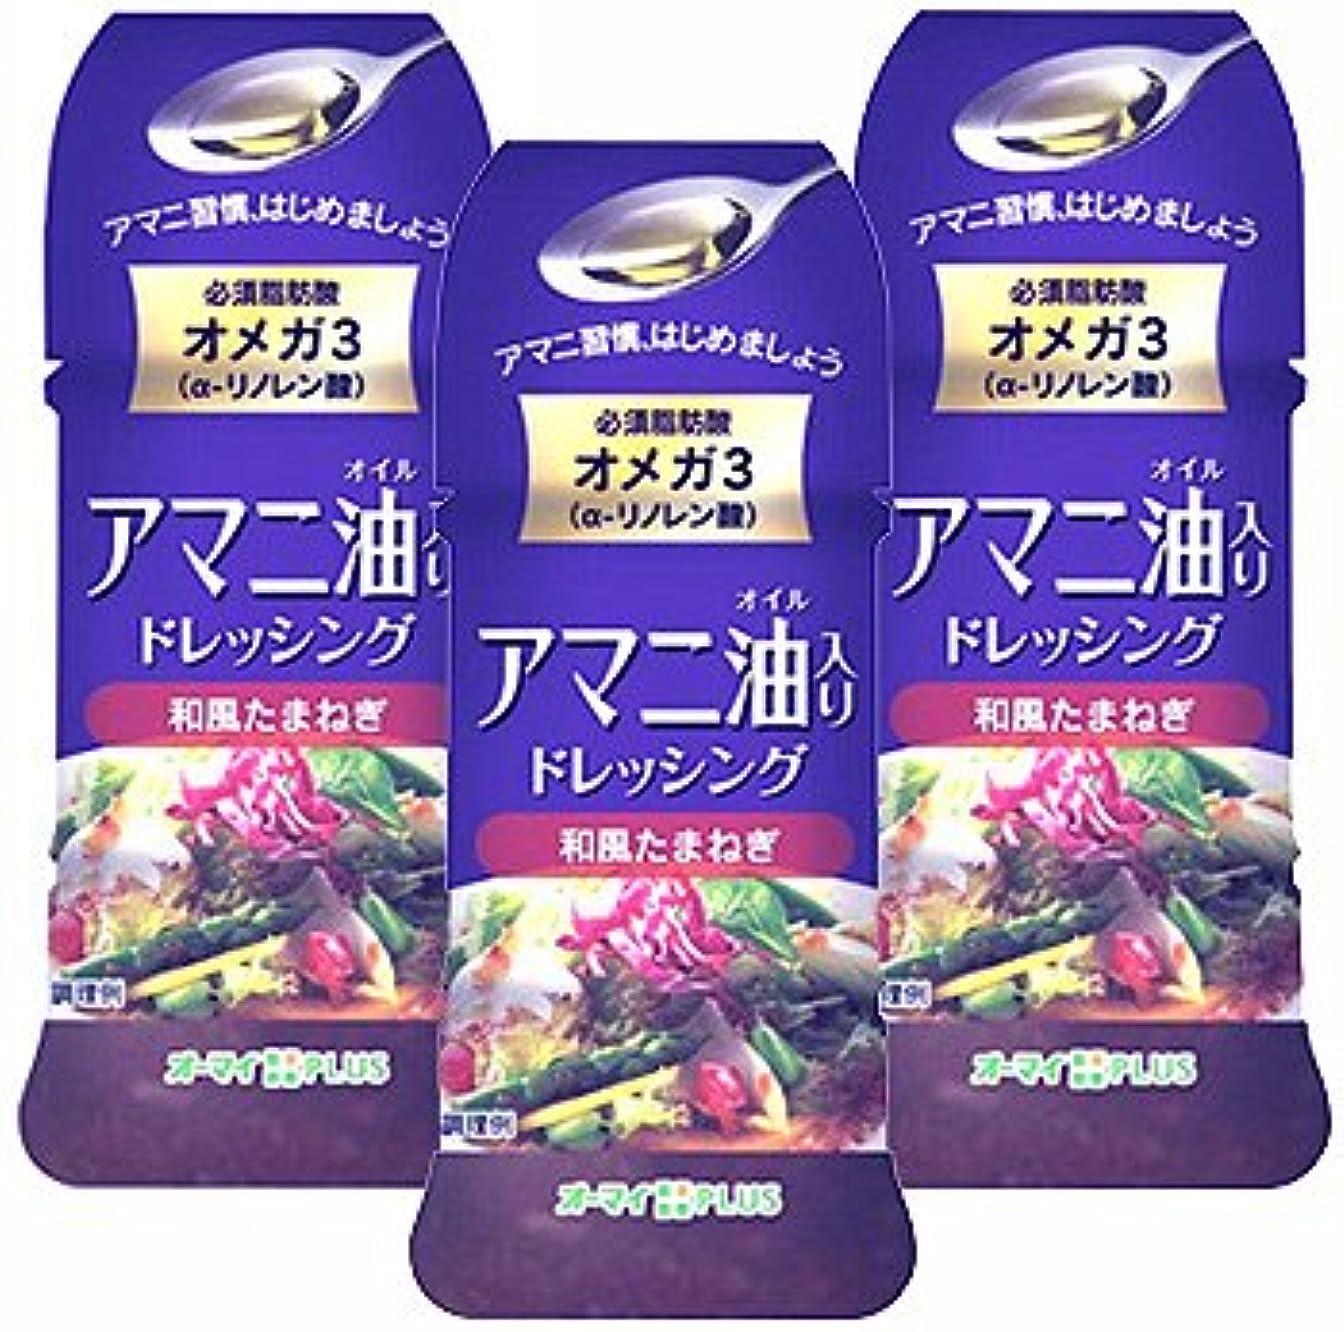 チャンスアプト患者アマニ油ドレッシング 和風たまねぎ【3本セット】日本製粉